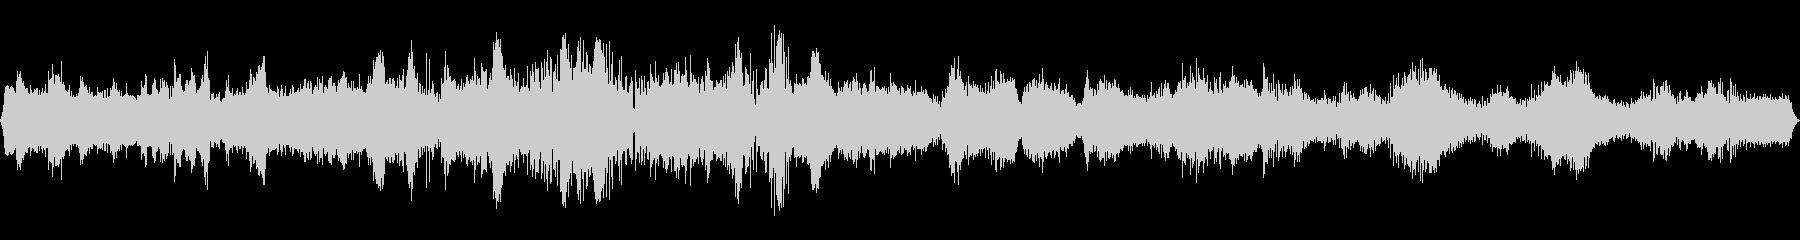 マインドスケープの未再生の波形